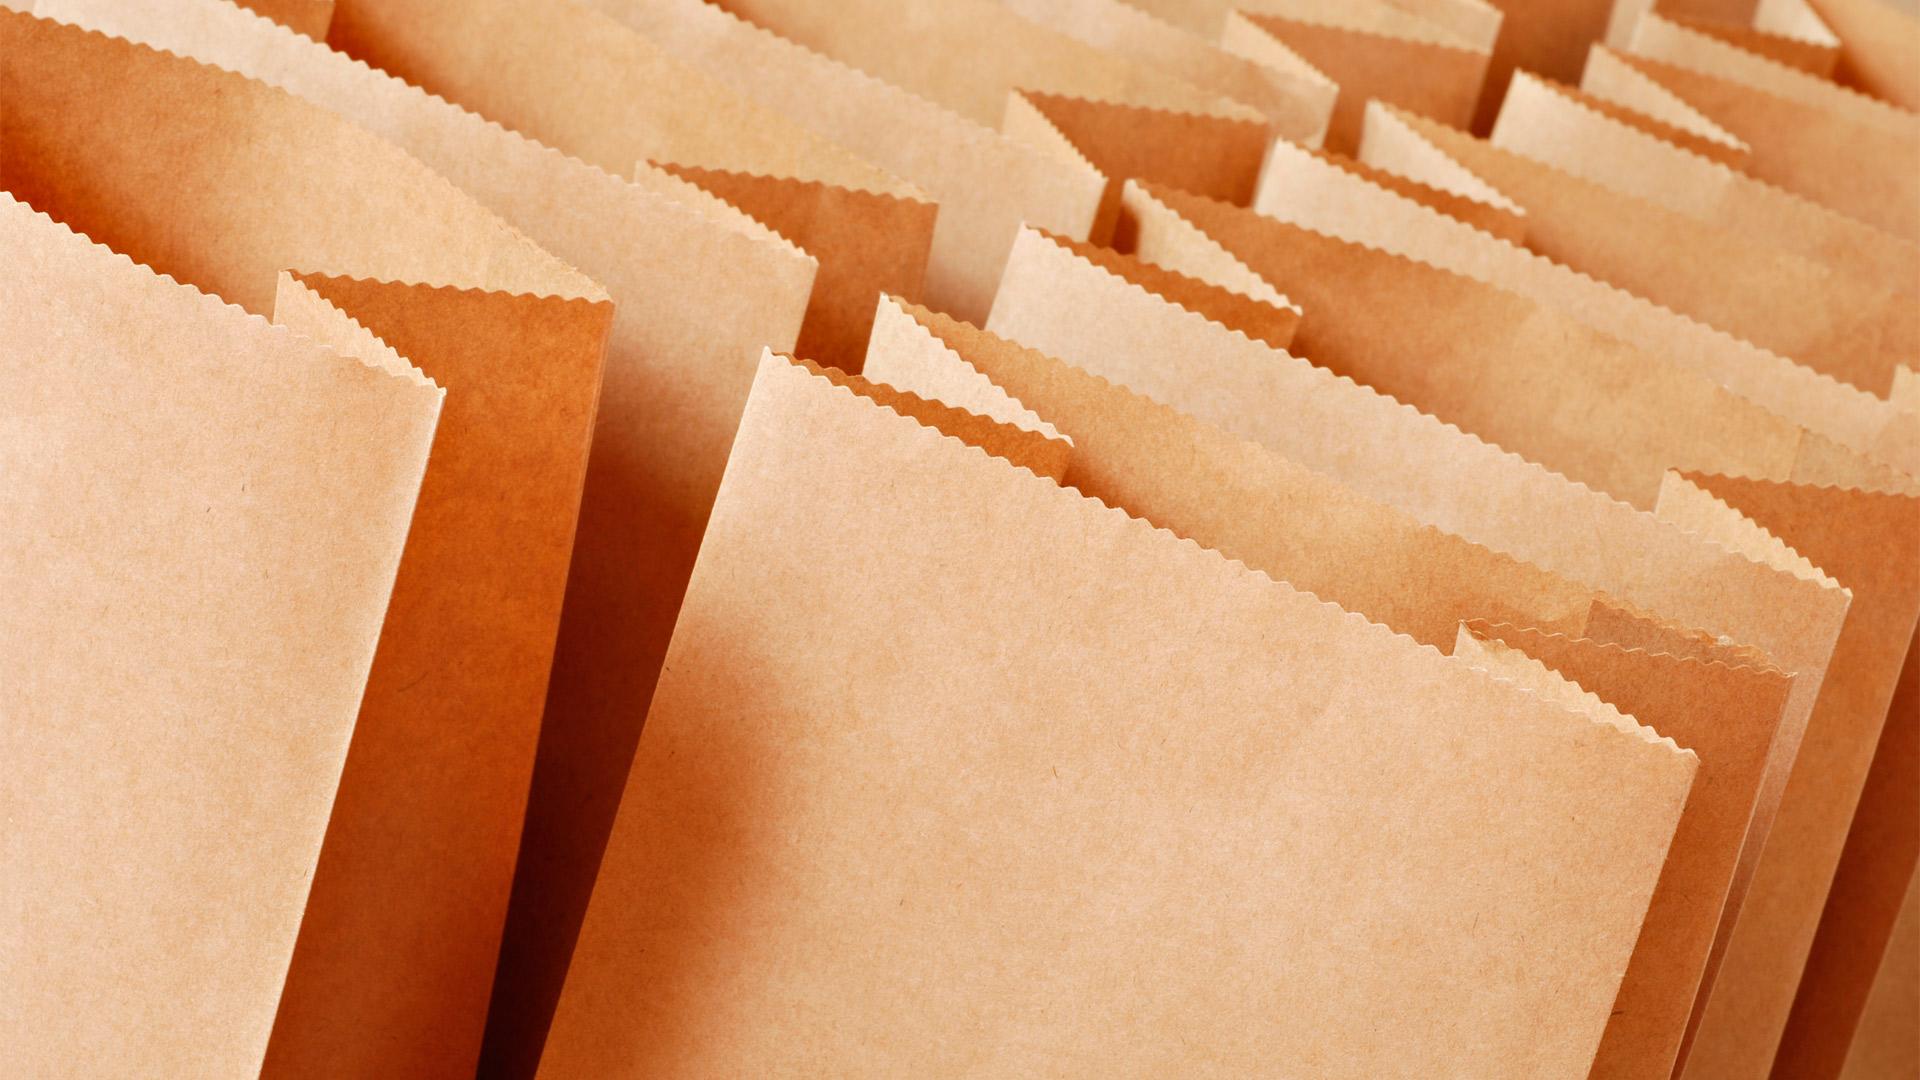 Fábrica de bolsas de papel